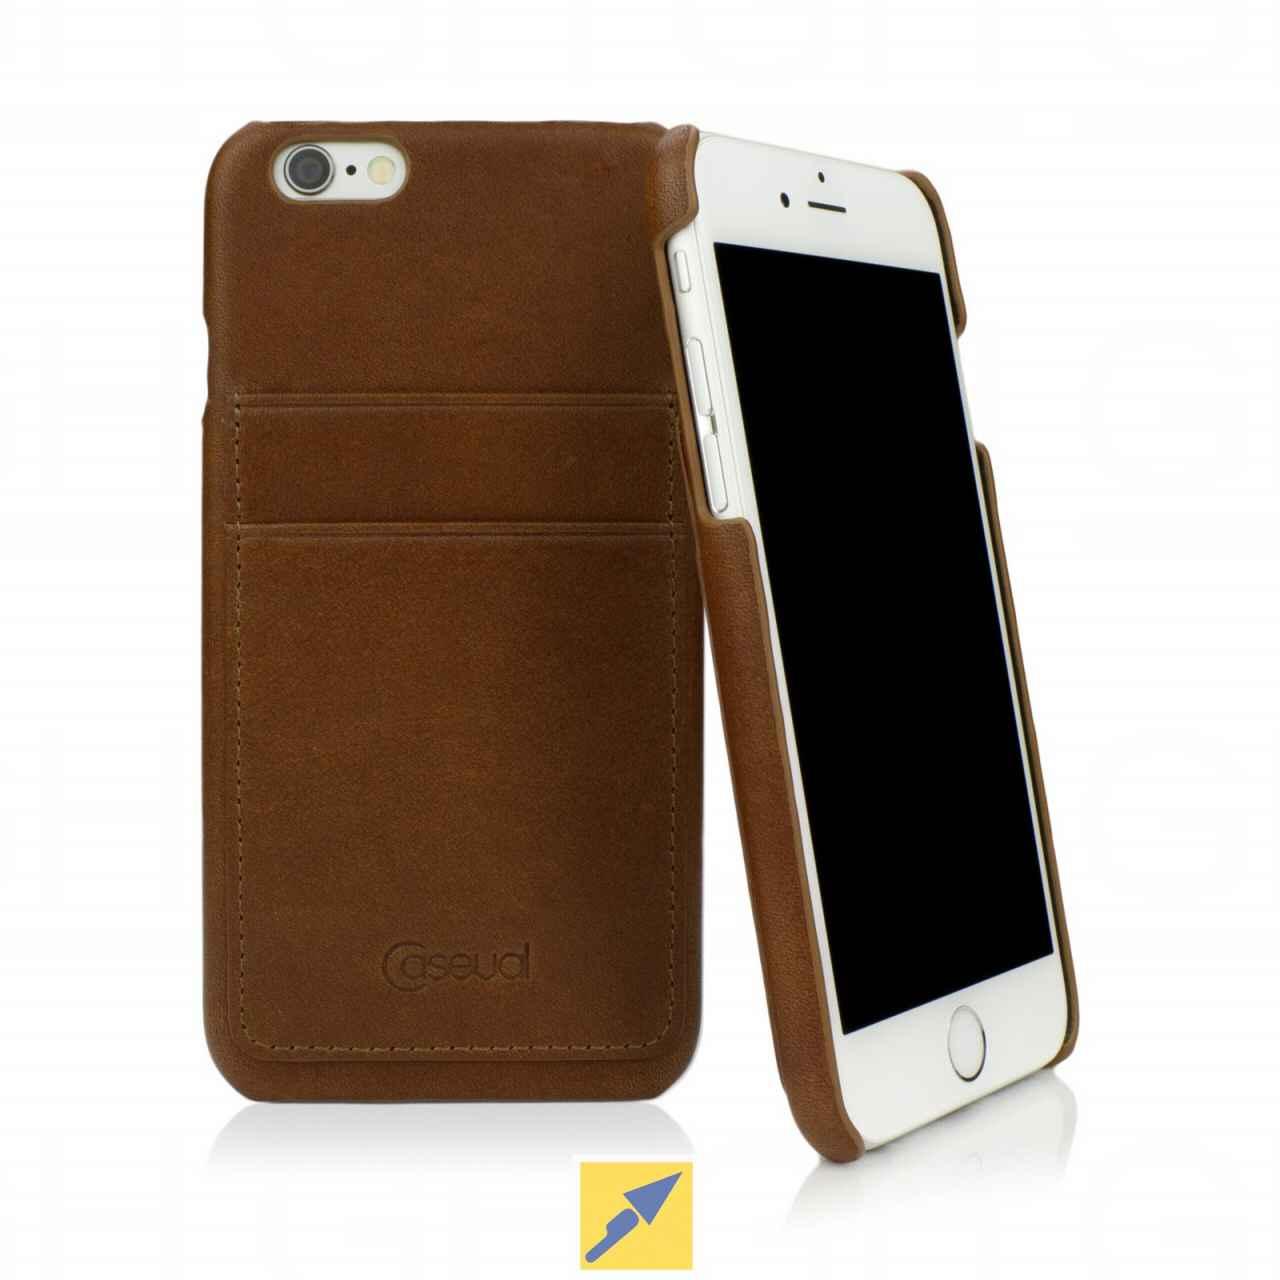 Echtleder-Schutzhüllen von Caseual für iPhones ab 1€ (+5,99€ Versand)